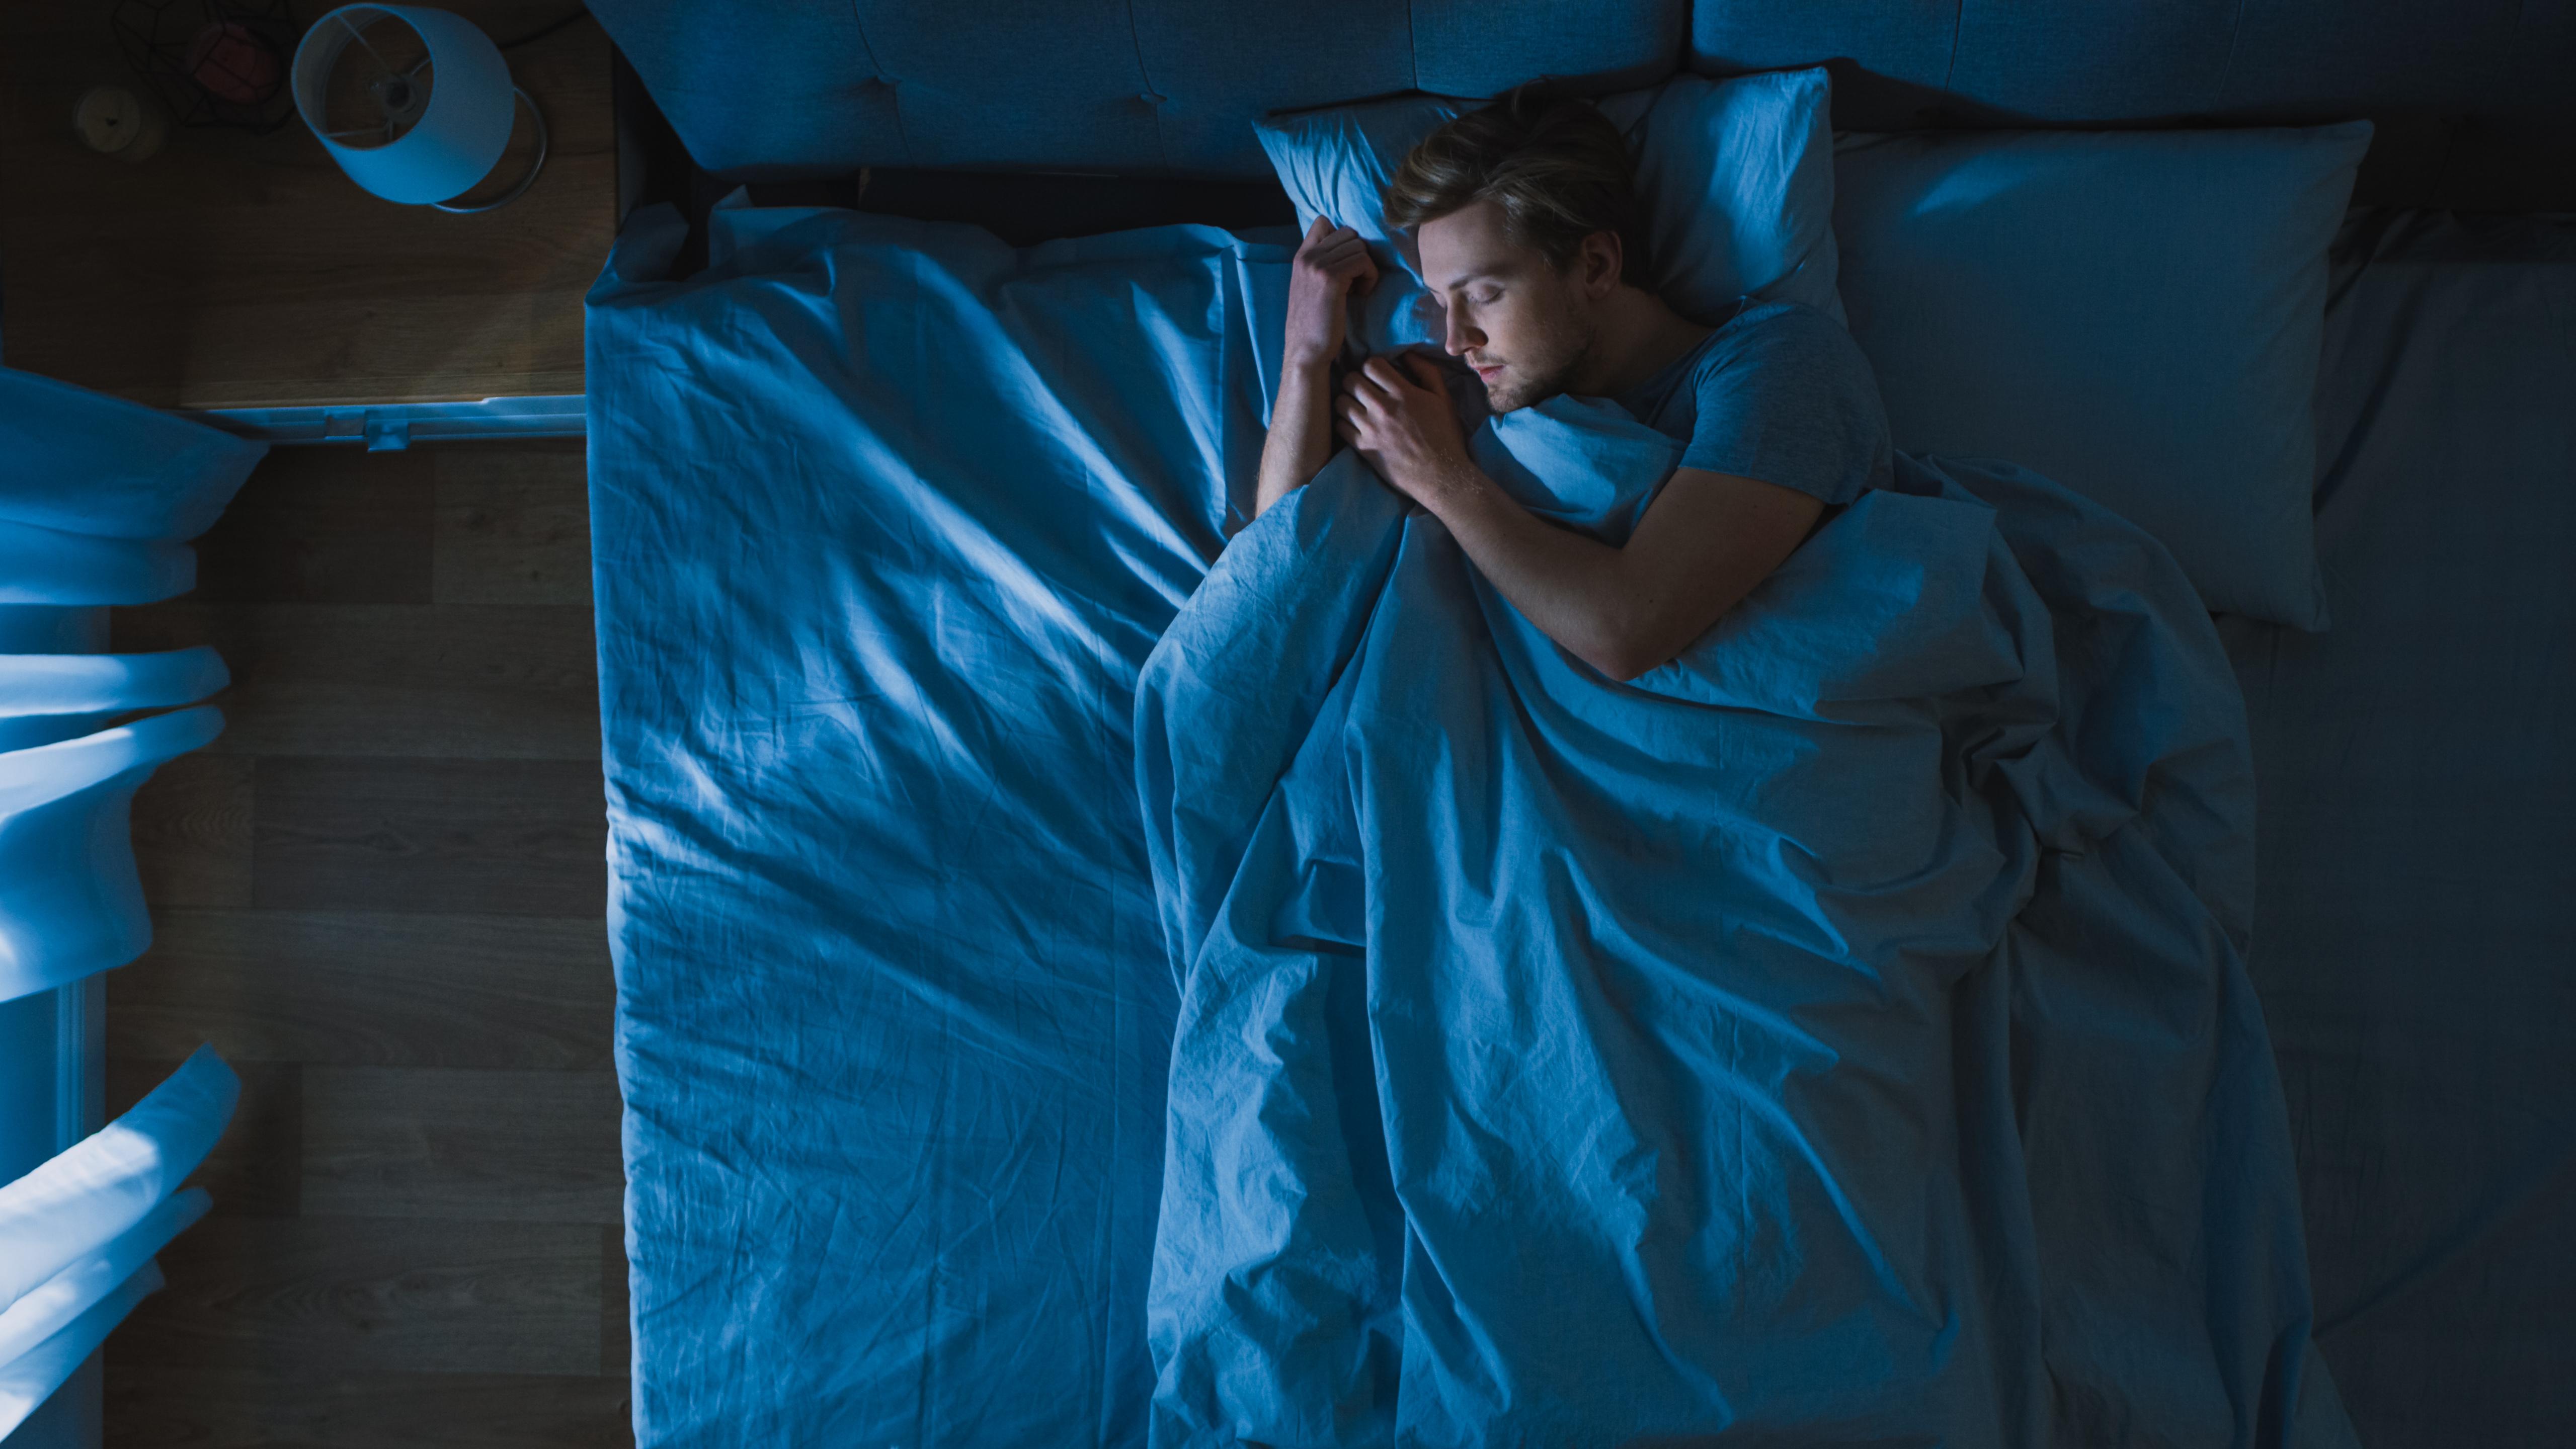 kilép alvás közben hogyan lehet elválasztani a dohányzástól